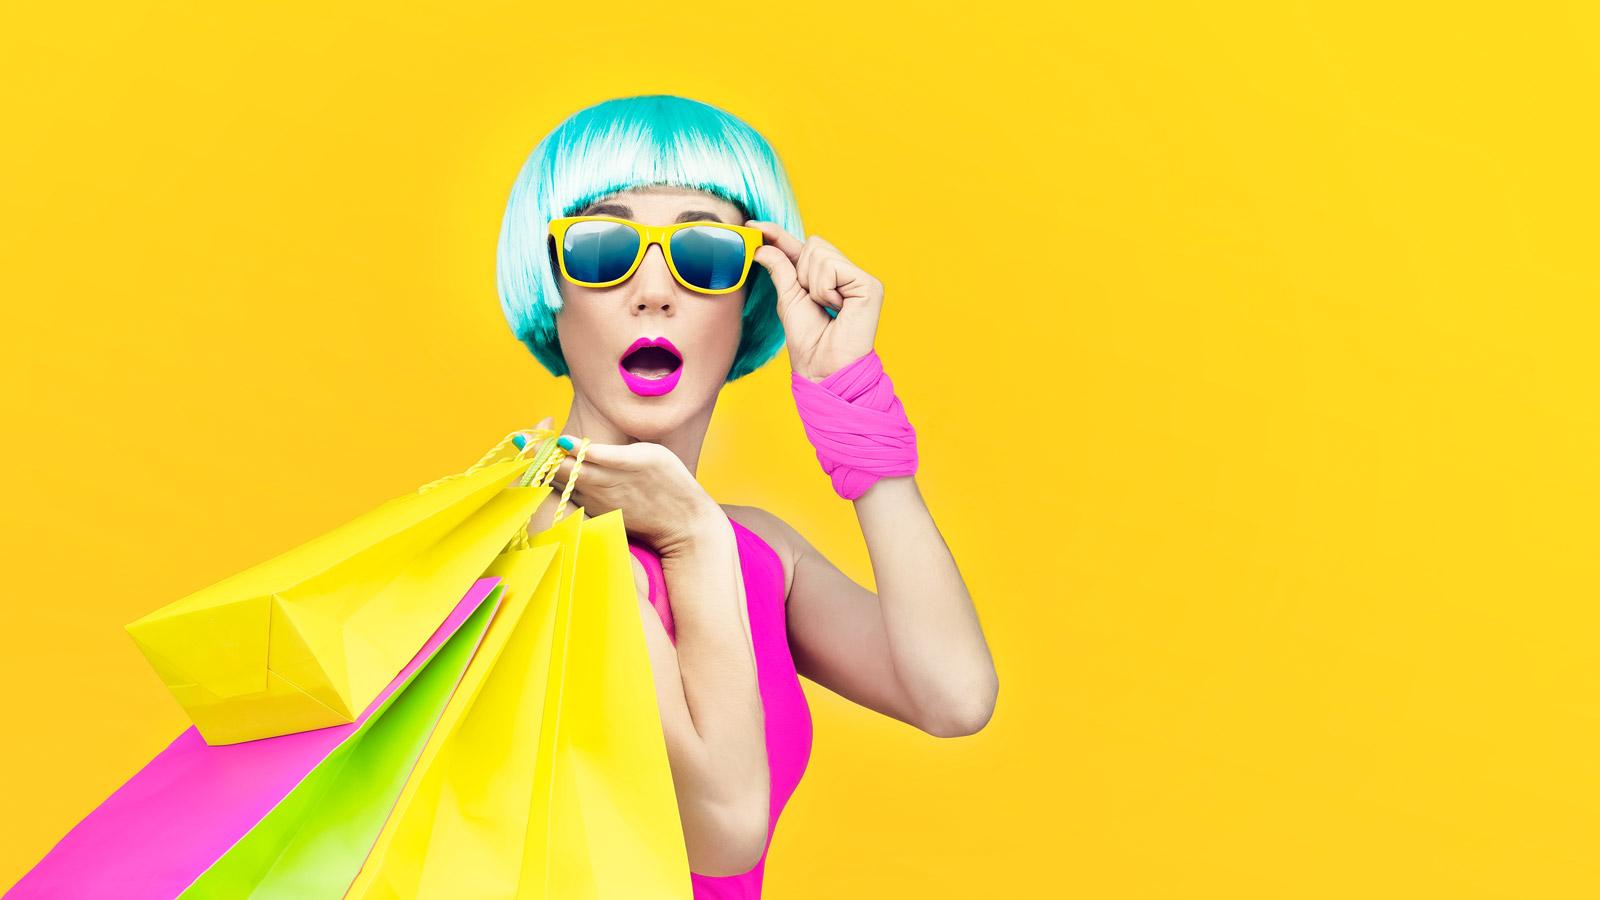 Jakich zachowań oczekują konsumenci od marek? –badanie zakupy mediarun zakupy klient marka oczekiwania 2020